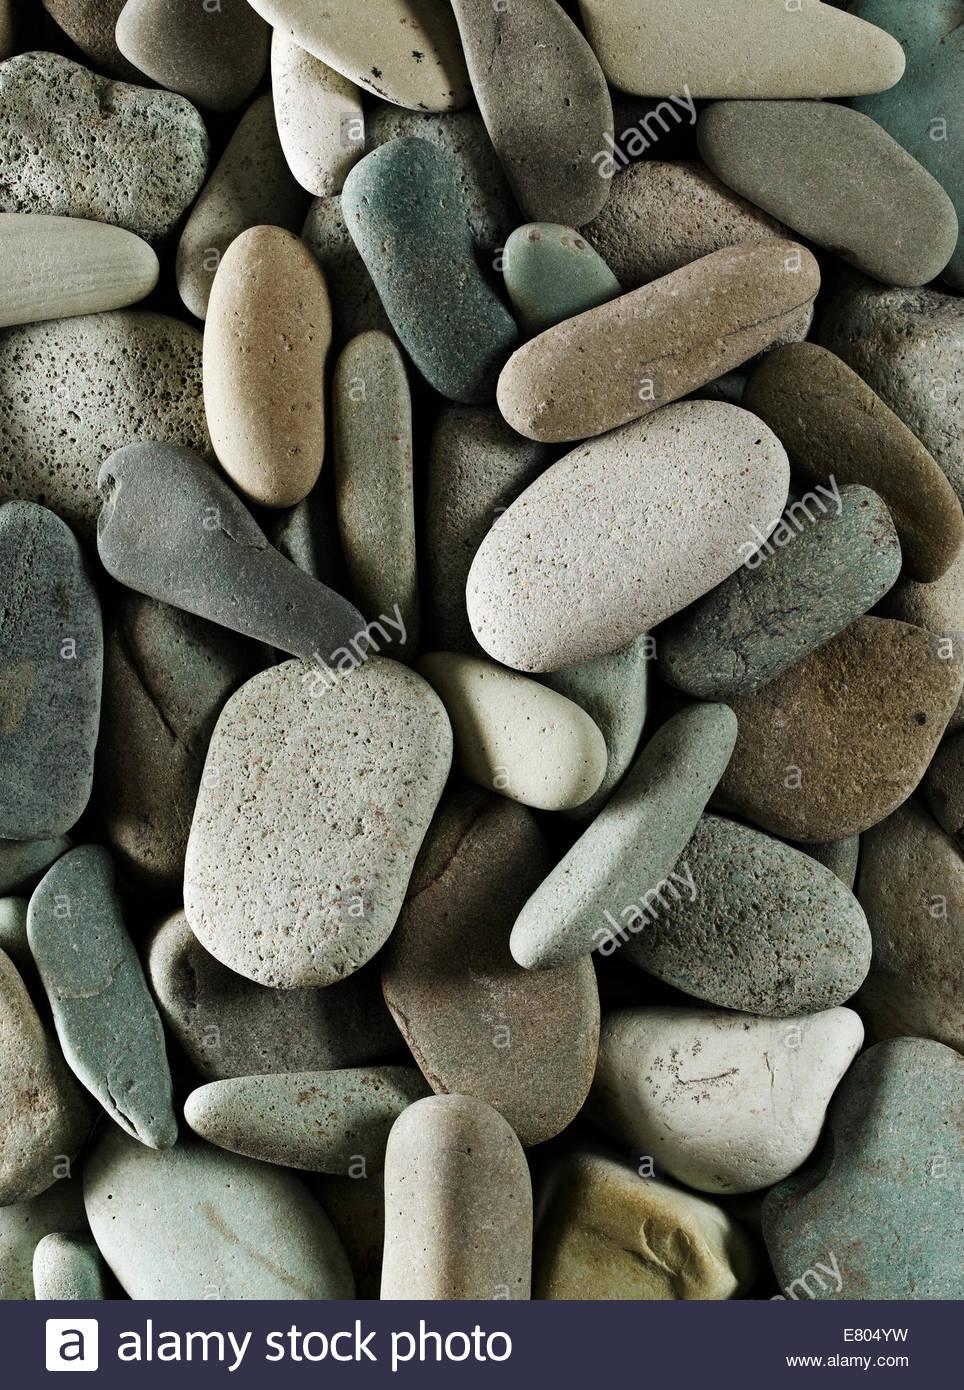 Fluss oder Strand Stein, perfekt für Hintergründe Stockfoto